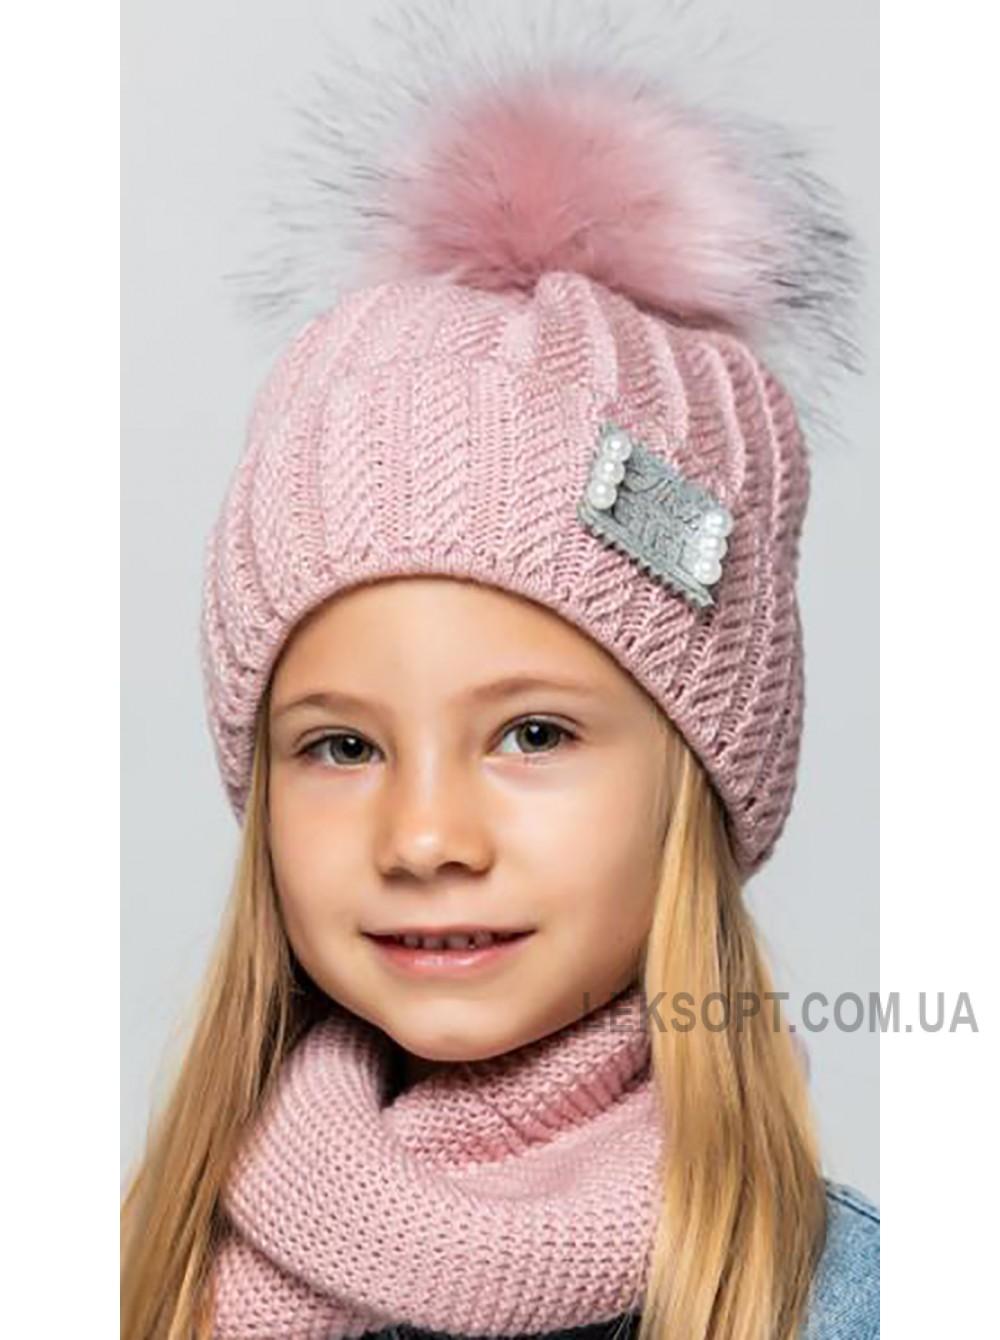 Детская вязаная шапка D609305-48-52 Скарлет